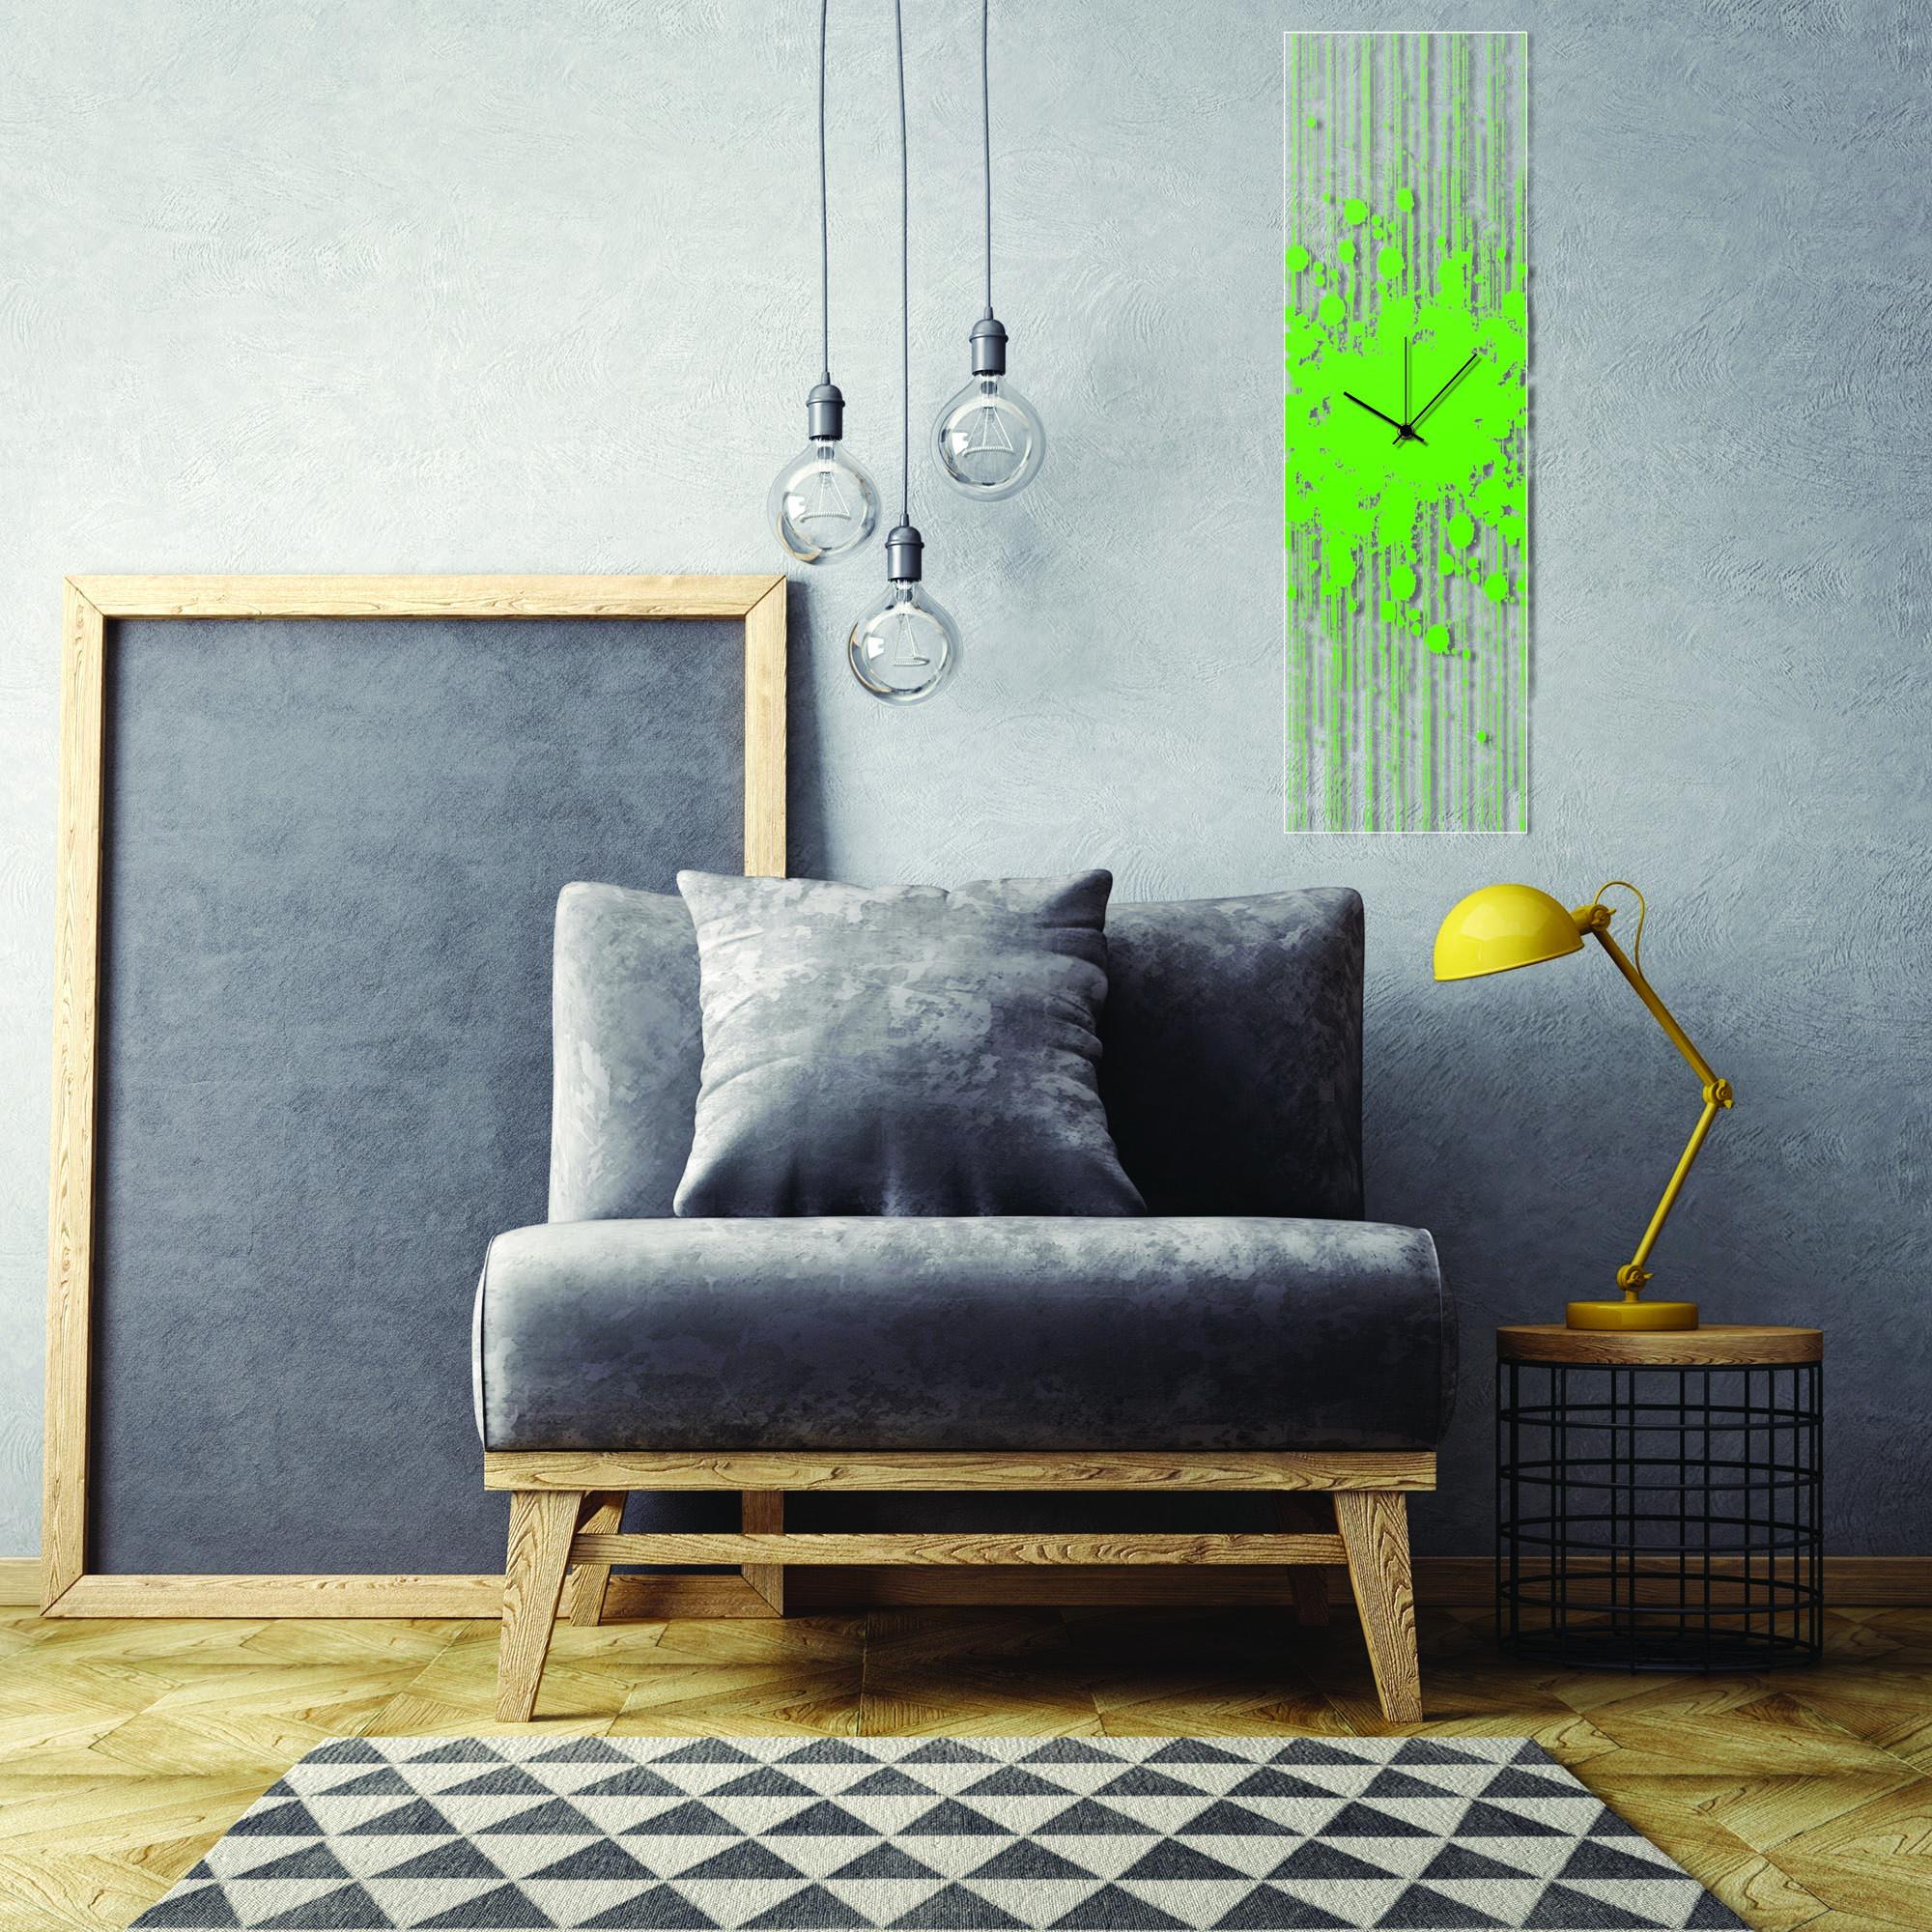 Green Paint Splatter Clock by Adam Schwoeppe Contemporary Decor on Plexiglass - Lifestyle View